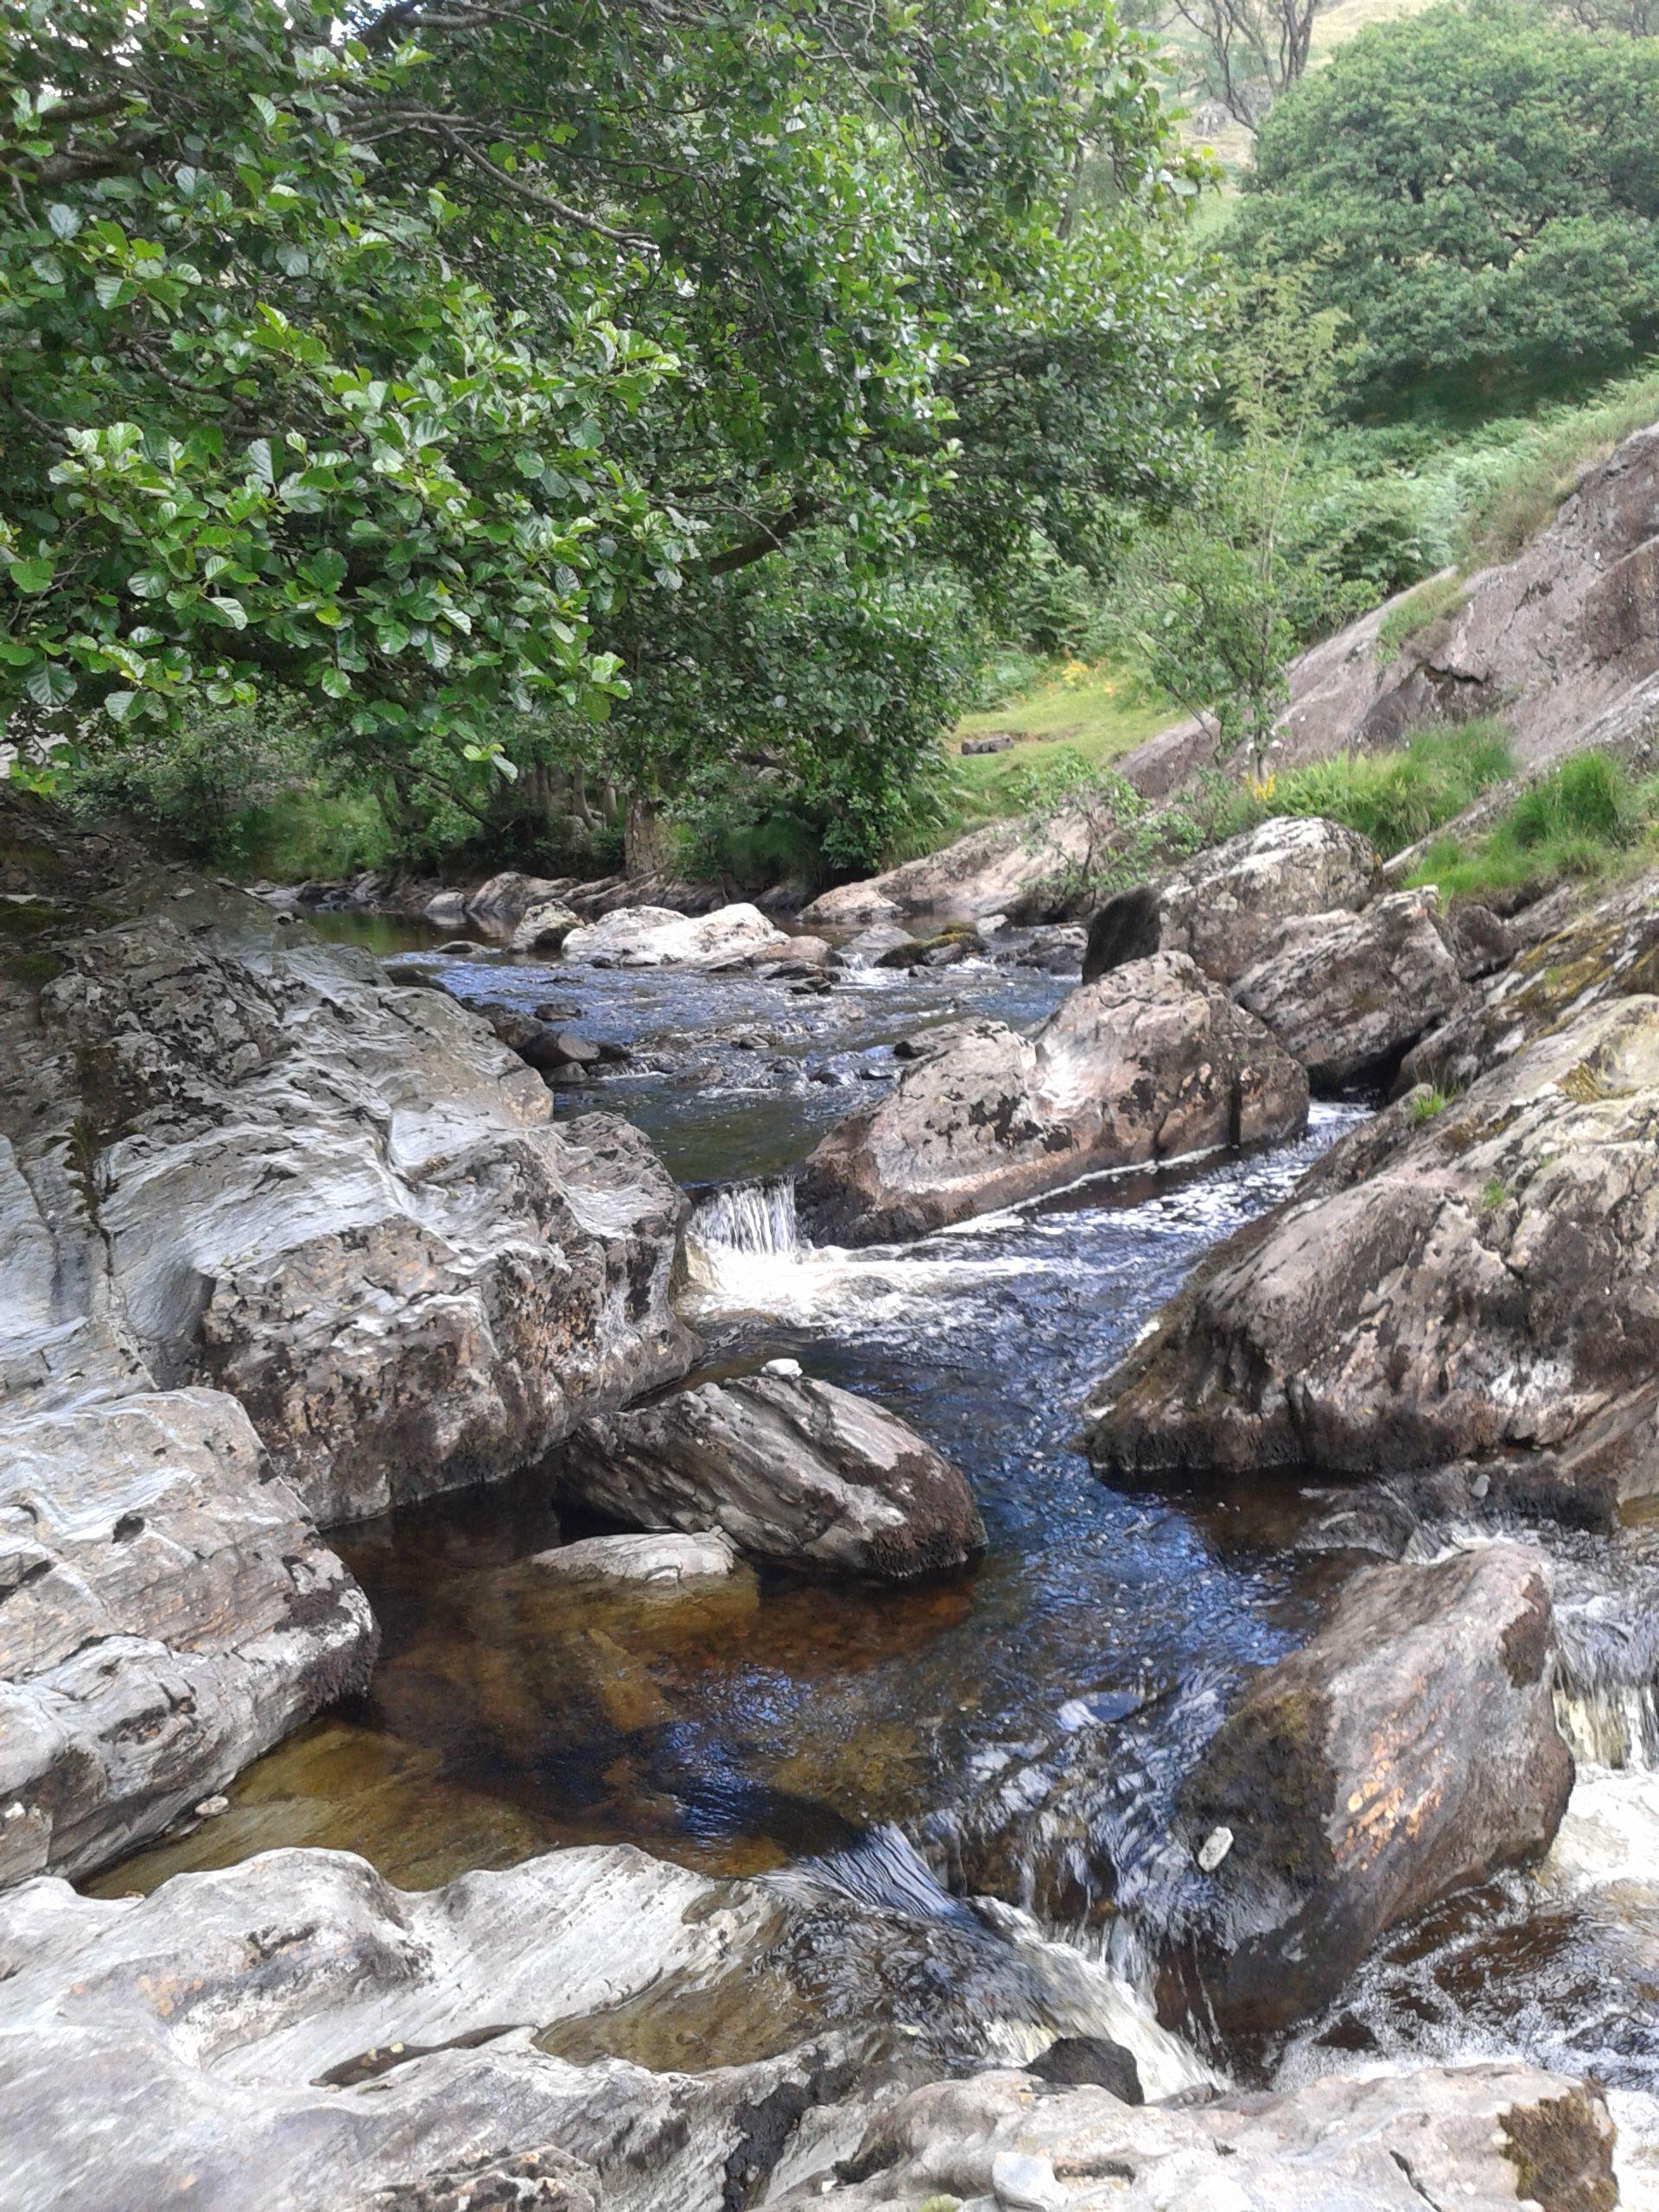 Rhandirmywn Wales